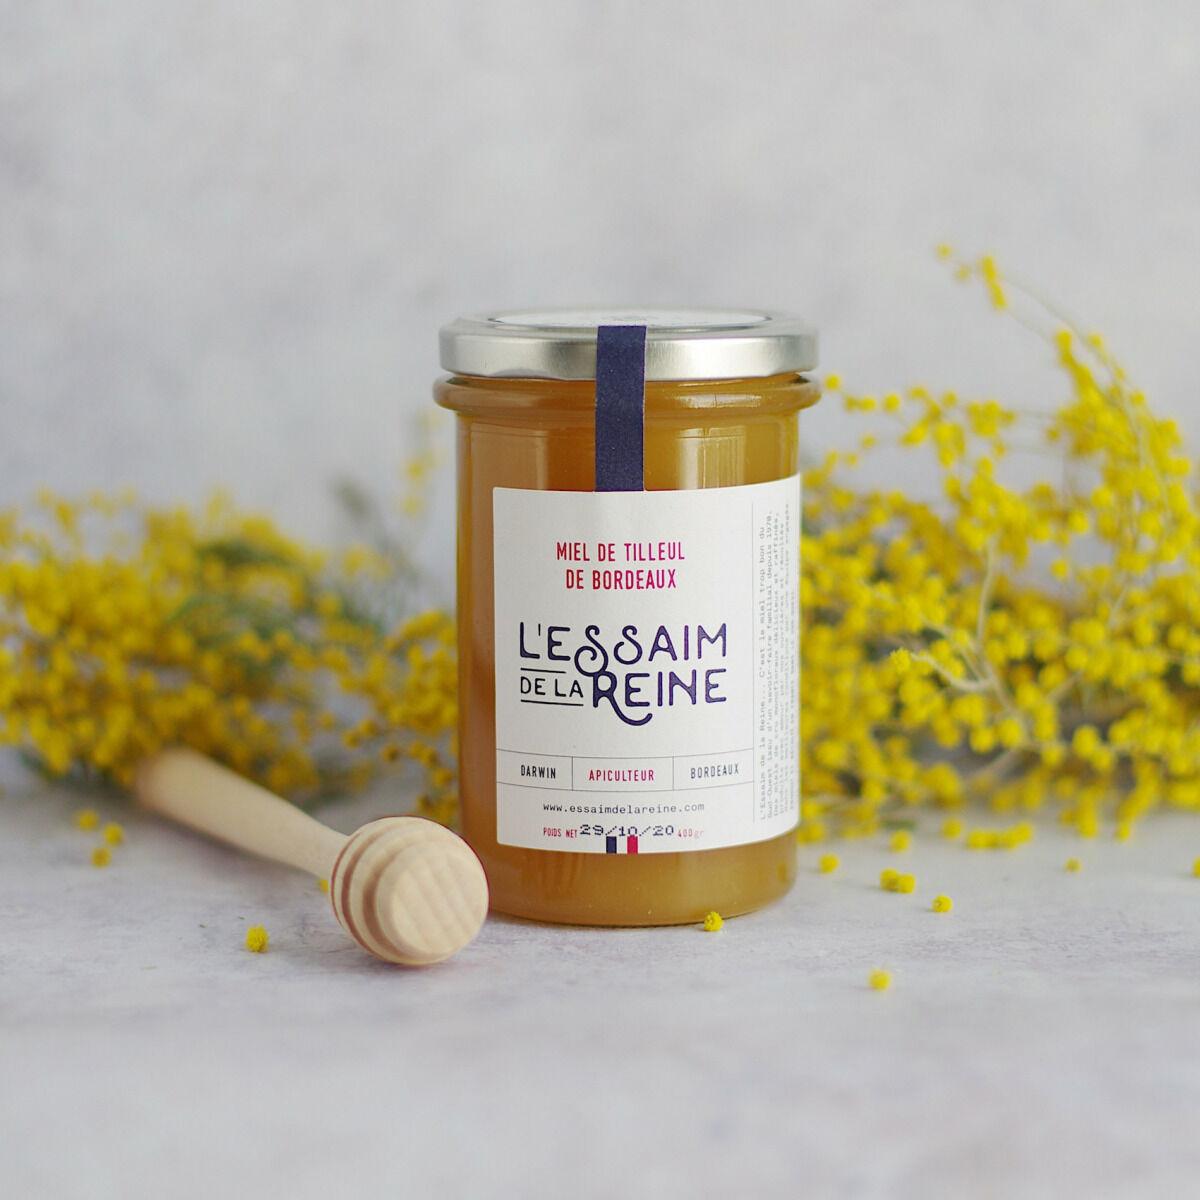 L'Essaim de la Reine Miel de Tilleul de Bordeaux - 400g - miel crémeux récolté en France par l'apiculteur